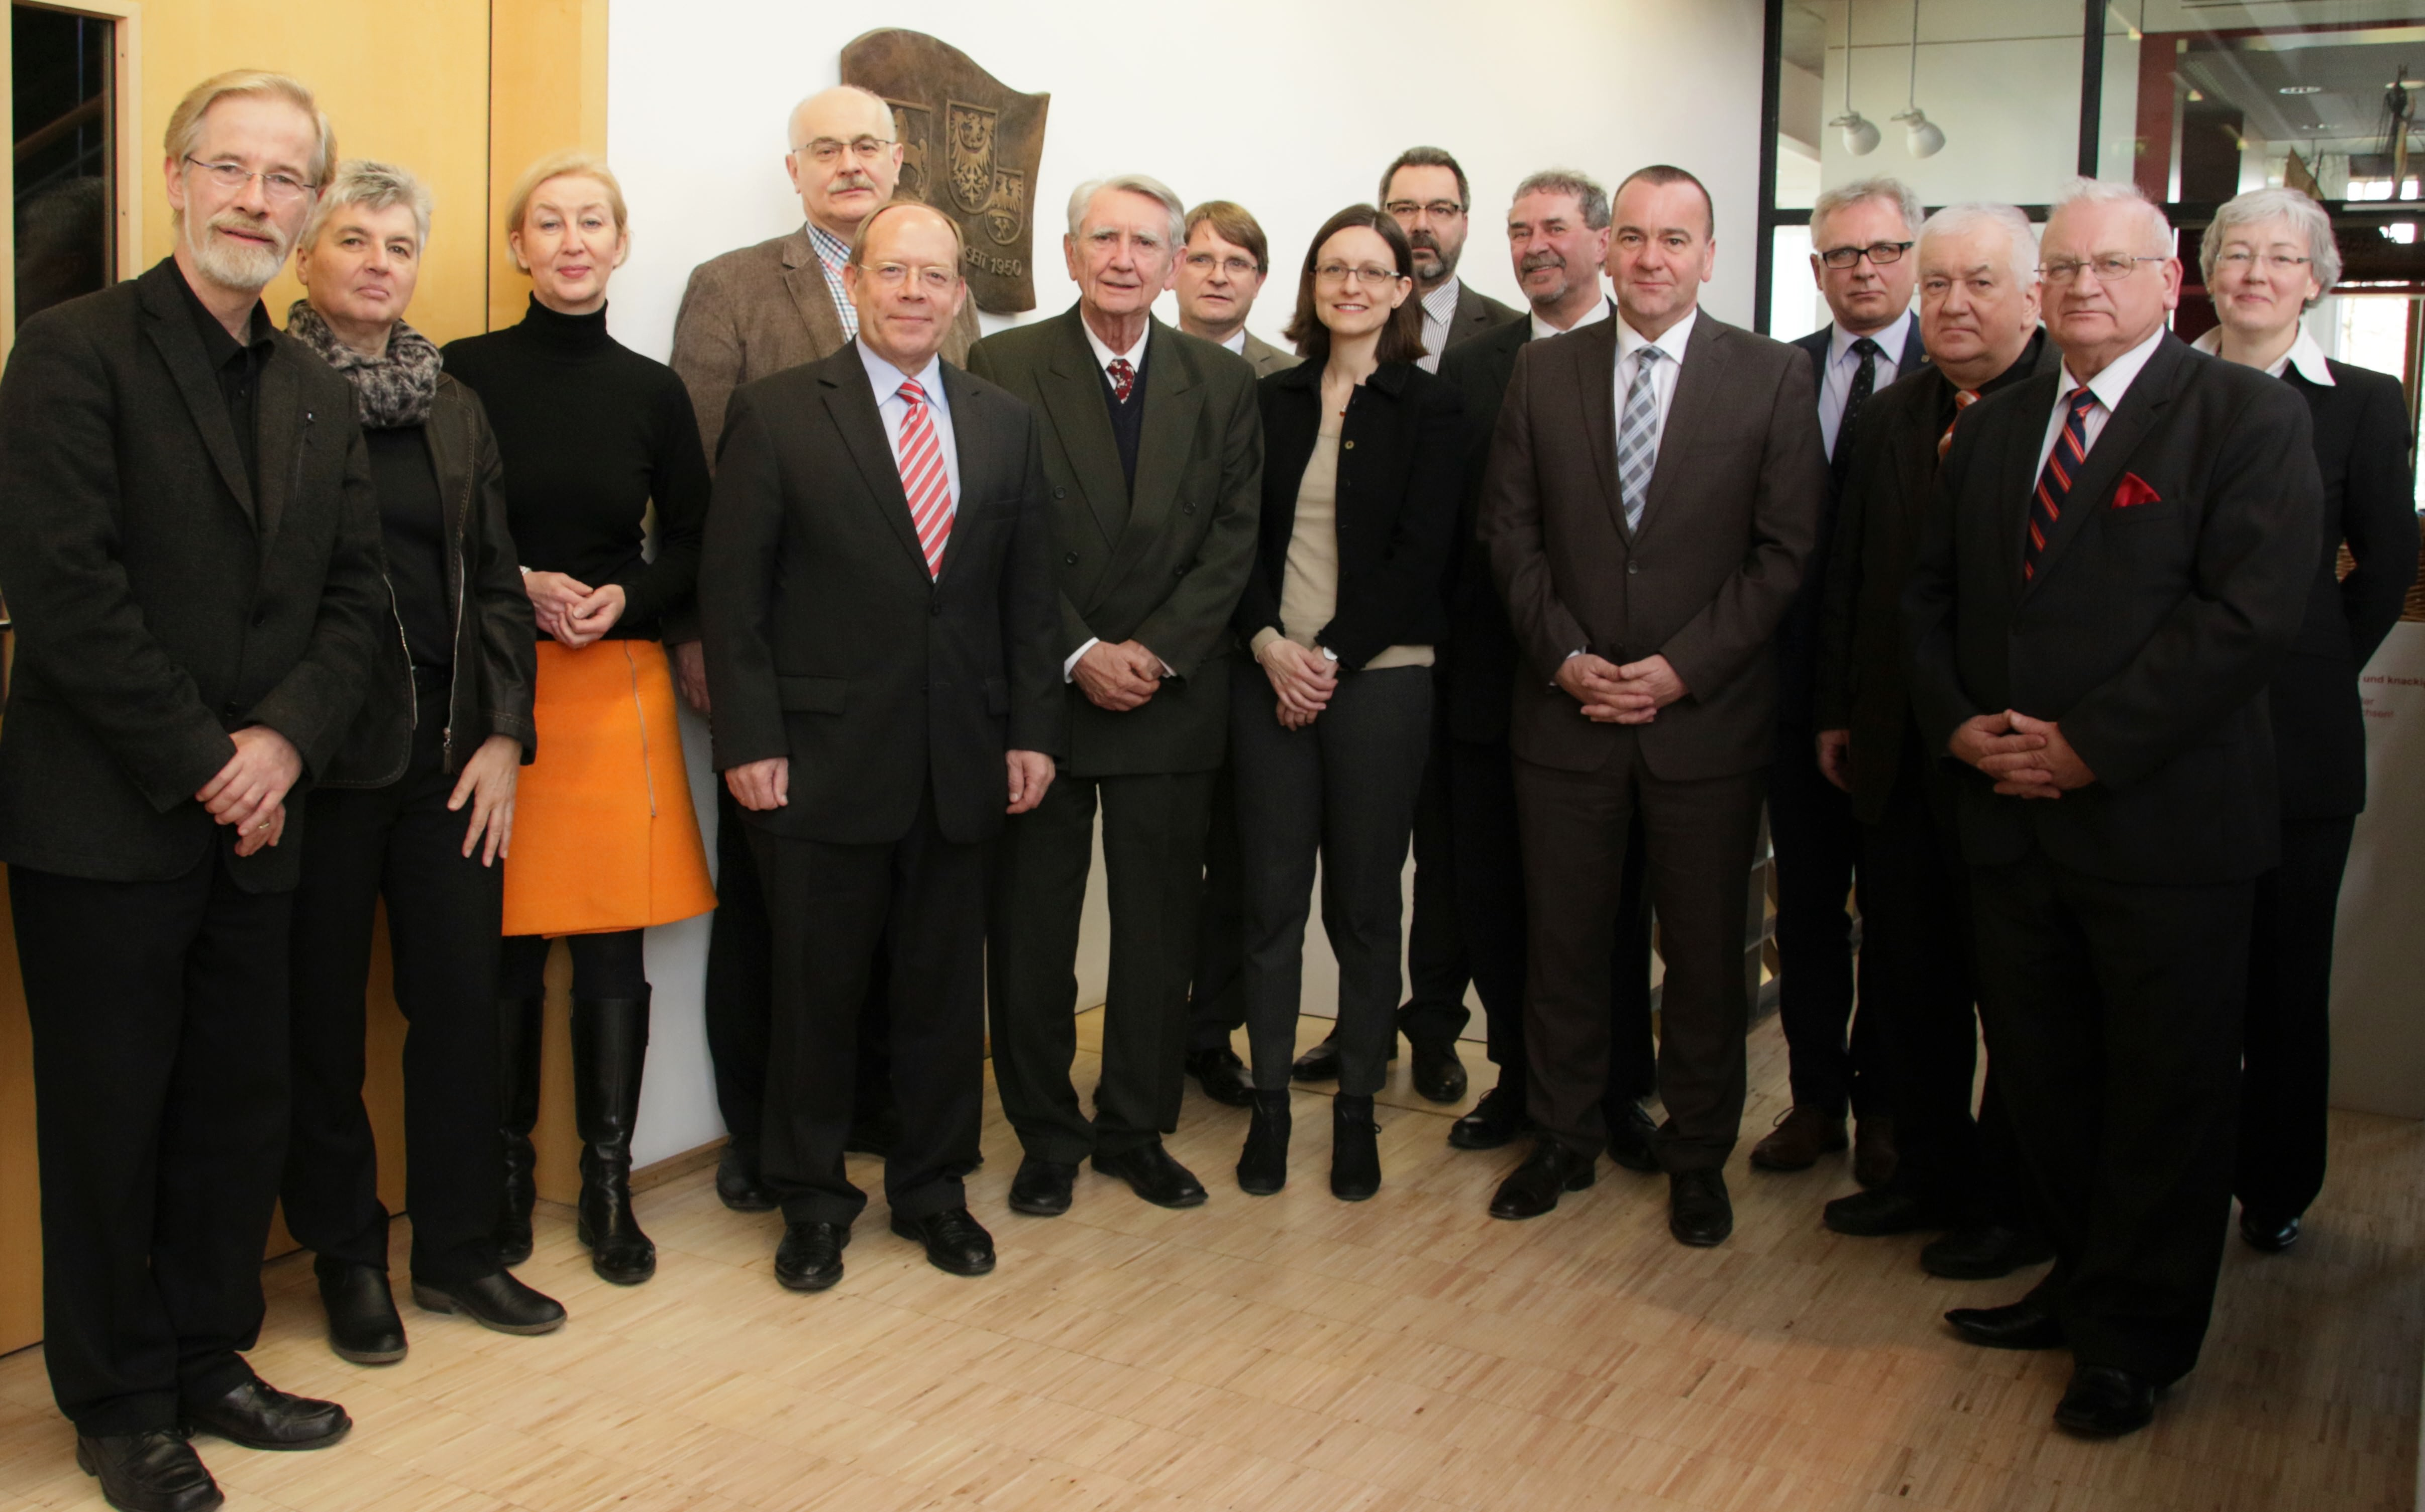 In der Landesvertretung Niedersachsen: Die Jury vor Beginn ihrer Sitzung